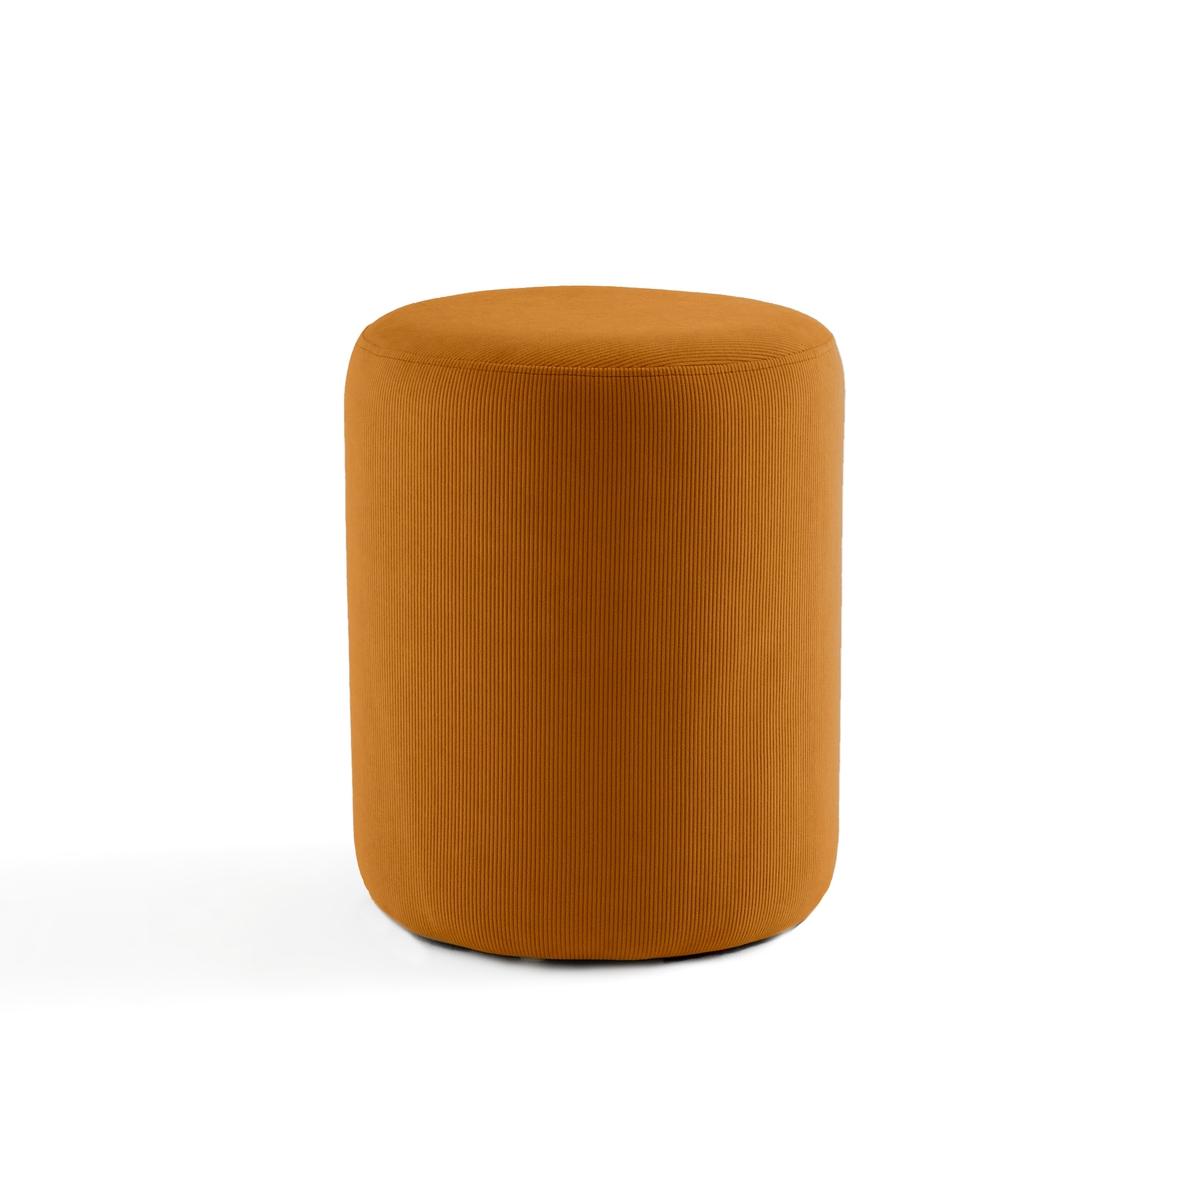 Пуф LaRedoute Из велюра в рубчик Lenou единый размер желтый